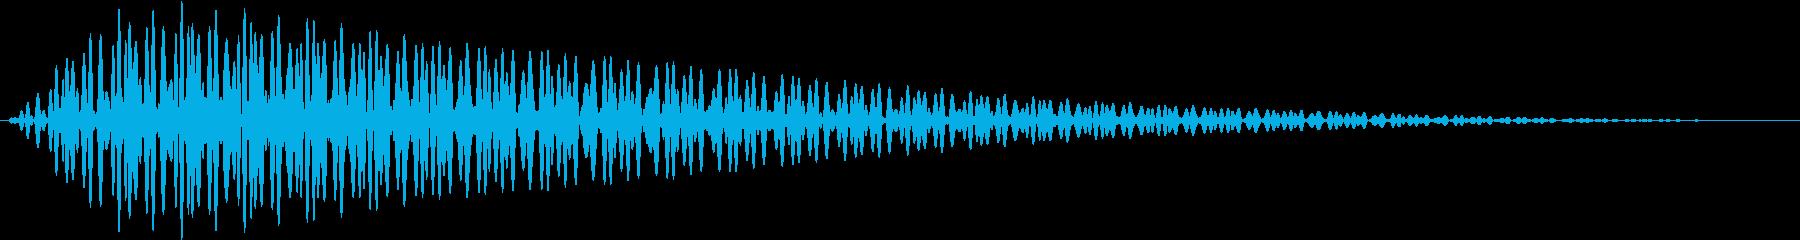 GameApp エラー音 ボーンの再生済みの波形